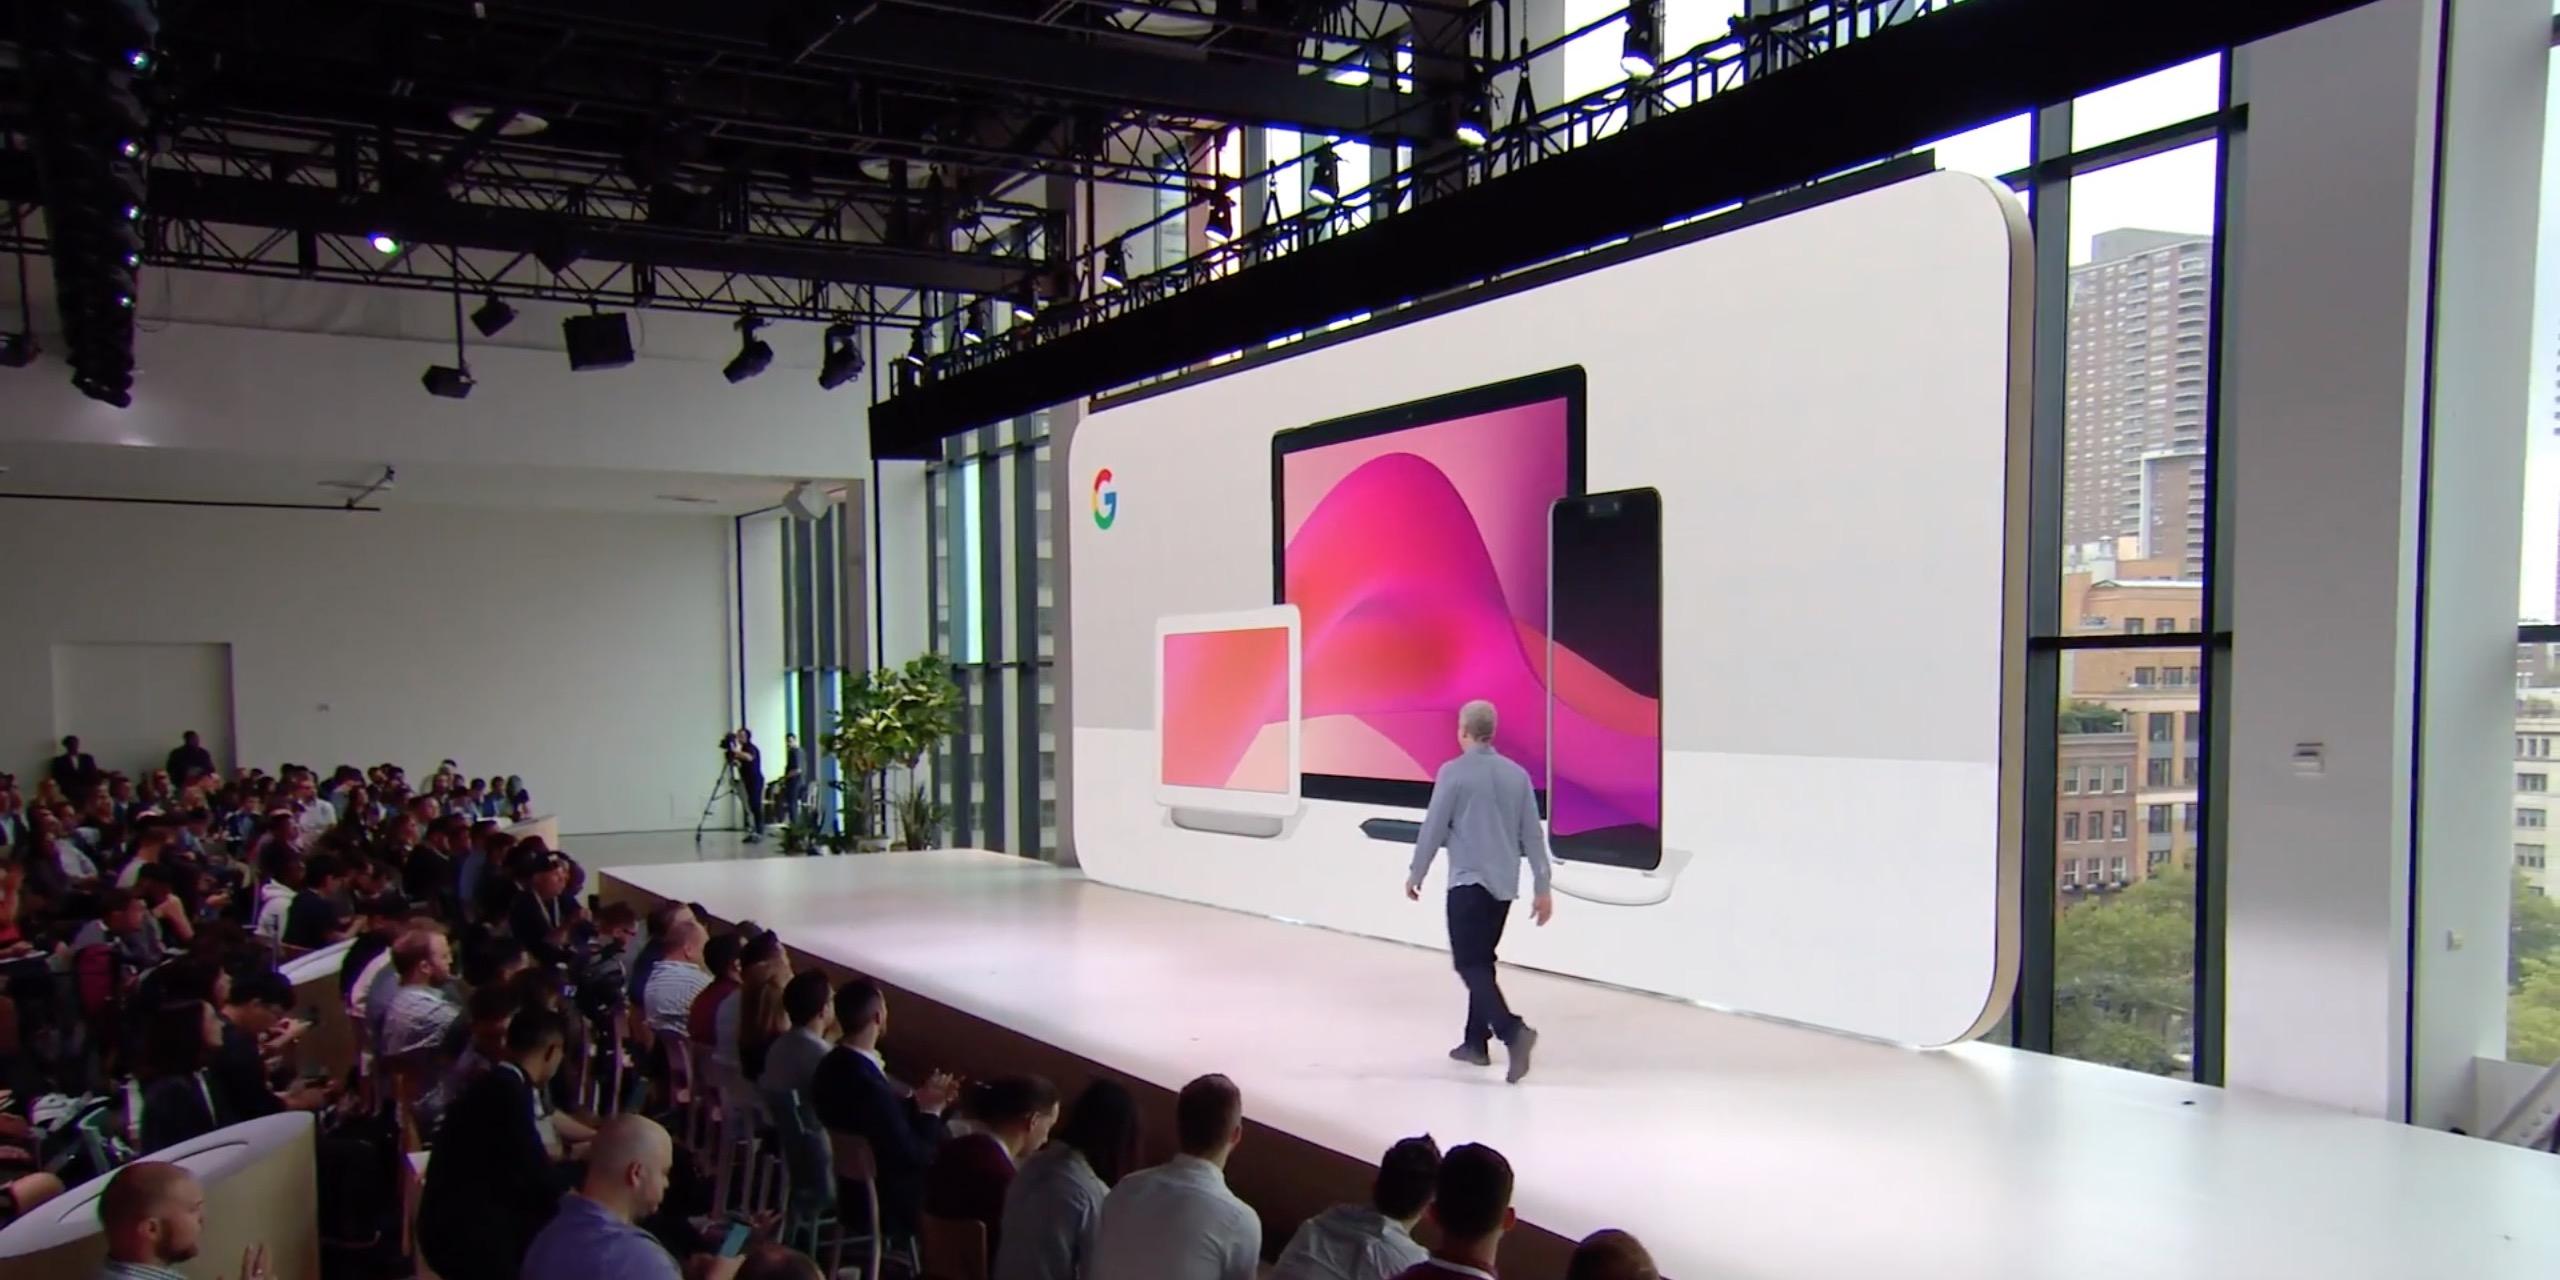 Rick Osterloh spricht über Pixel 3, Flops und Made by Googles Zukunft vor den Ankündigungen von I / O 2019